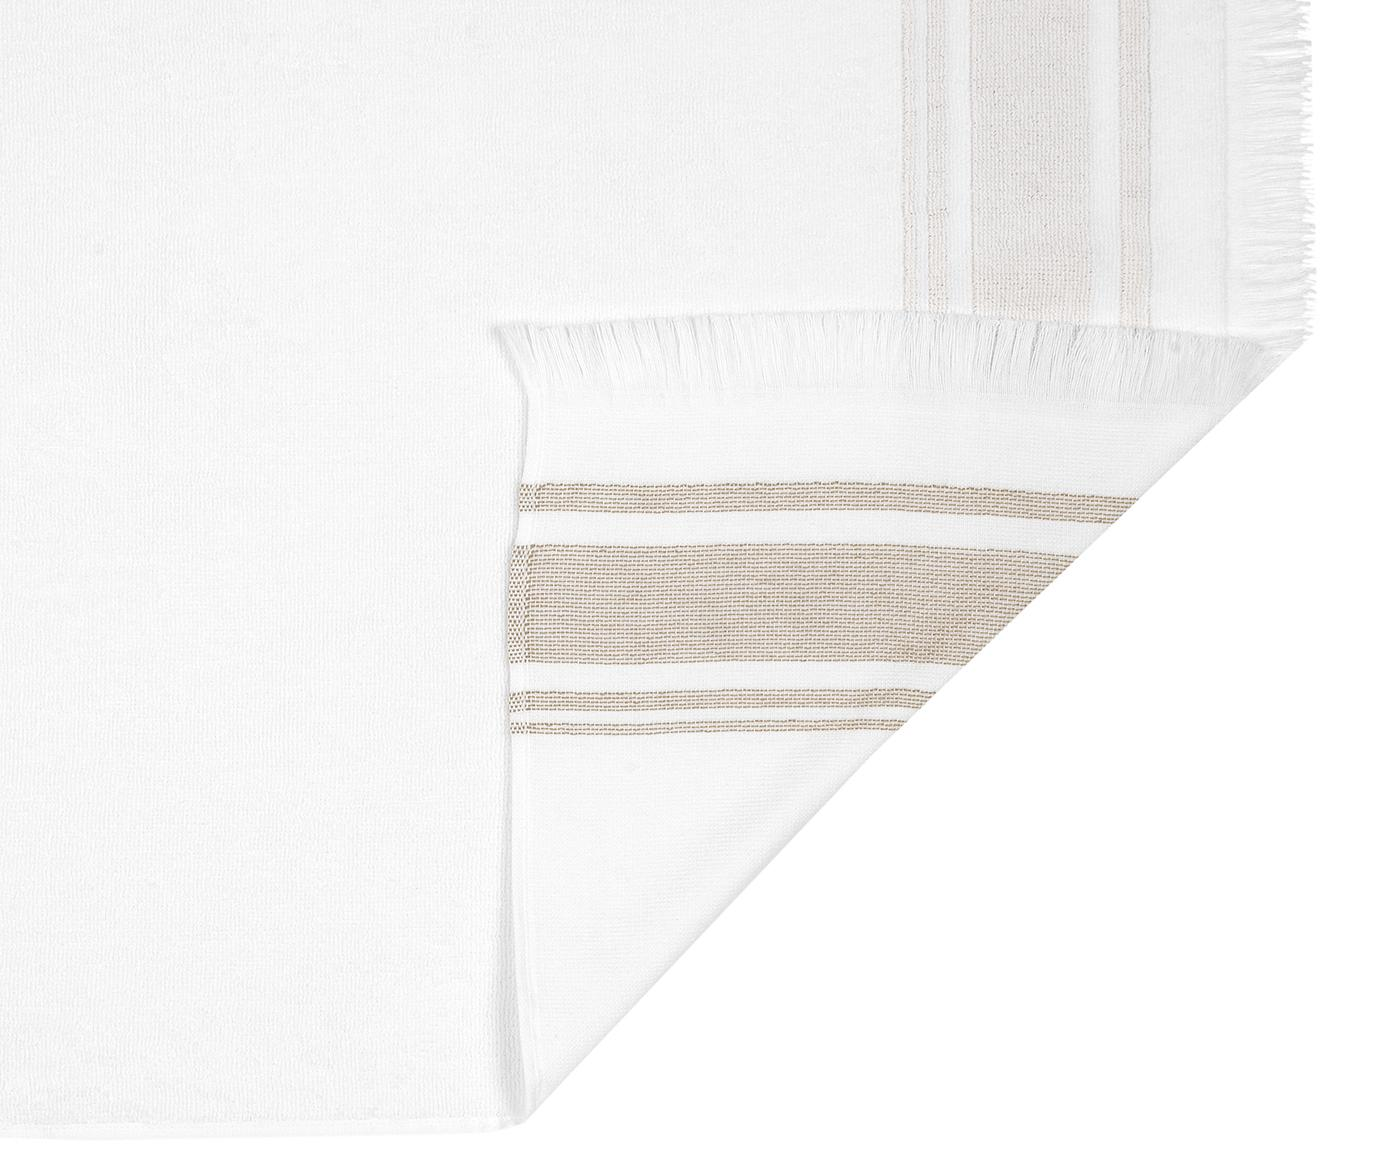 Komplet ręczników Emma, 3 elem., 100% bawełna Niska gramatura 400 g/m², Biały, taupe, Różne rozmiary